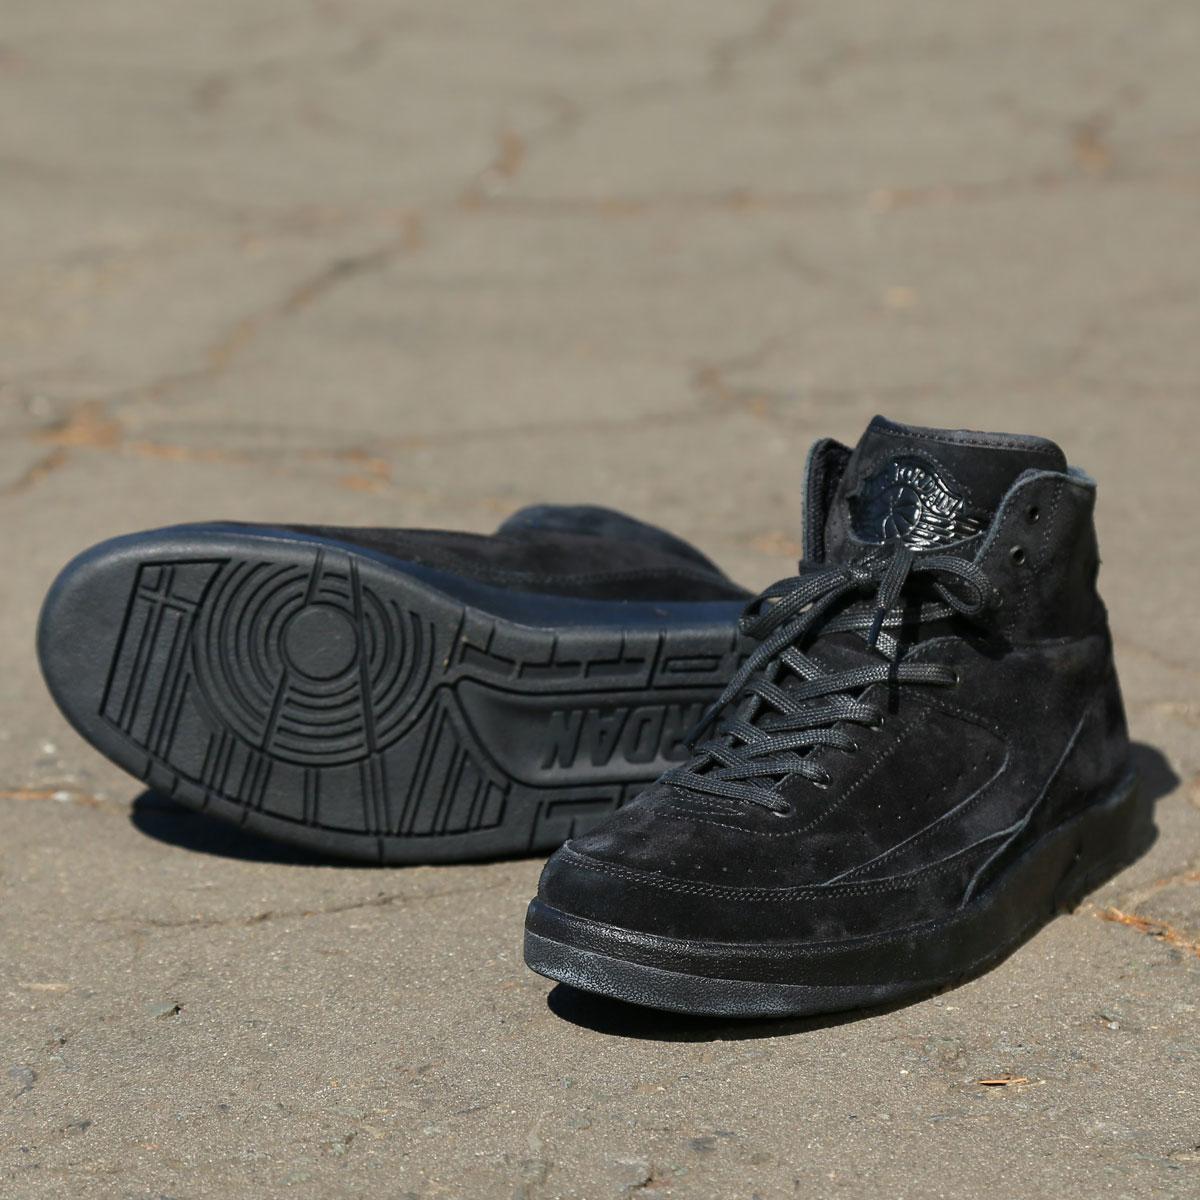 best sneakers 63cda e1a3d NIKE AIR JORDAN 2 RETRO DECON (ナイキ エア ジョーダン 2 レトロ DECON) SAIL SAIL-BIO  BEIGE  メンズ スニーカー